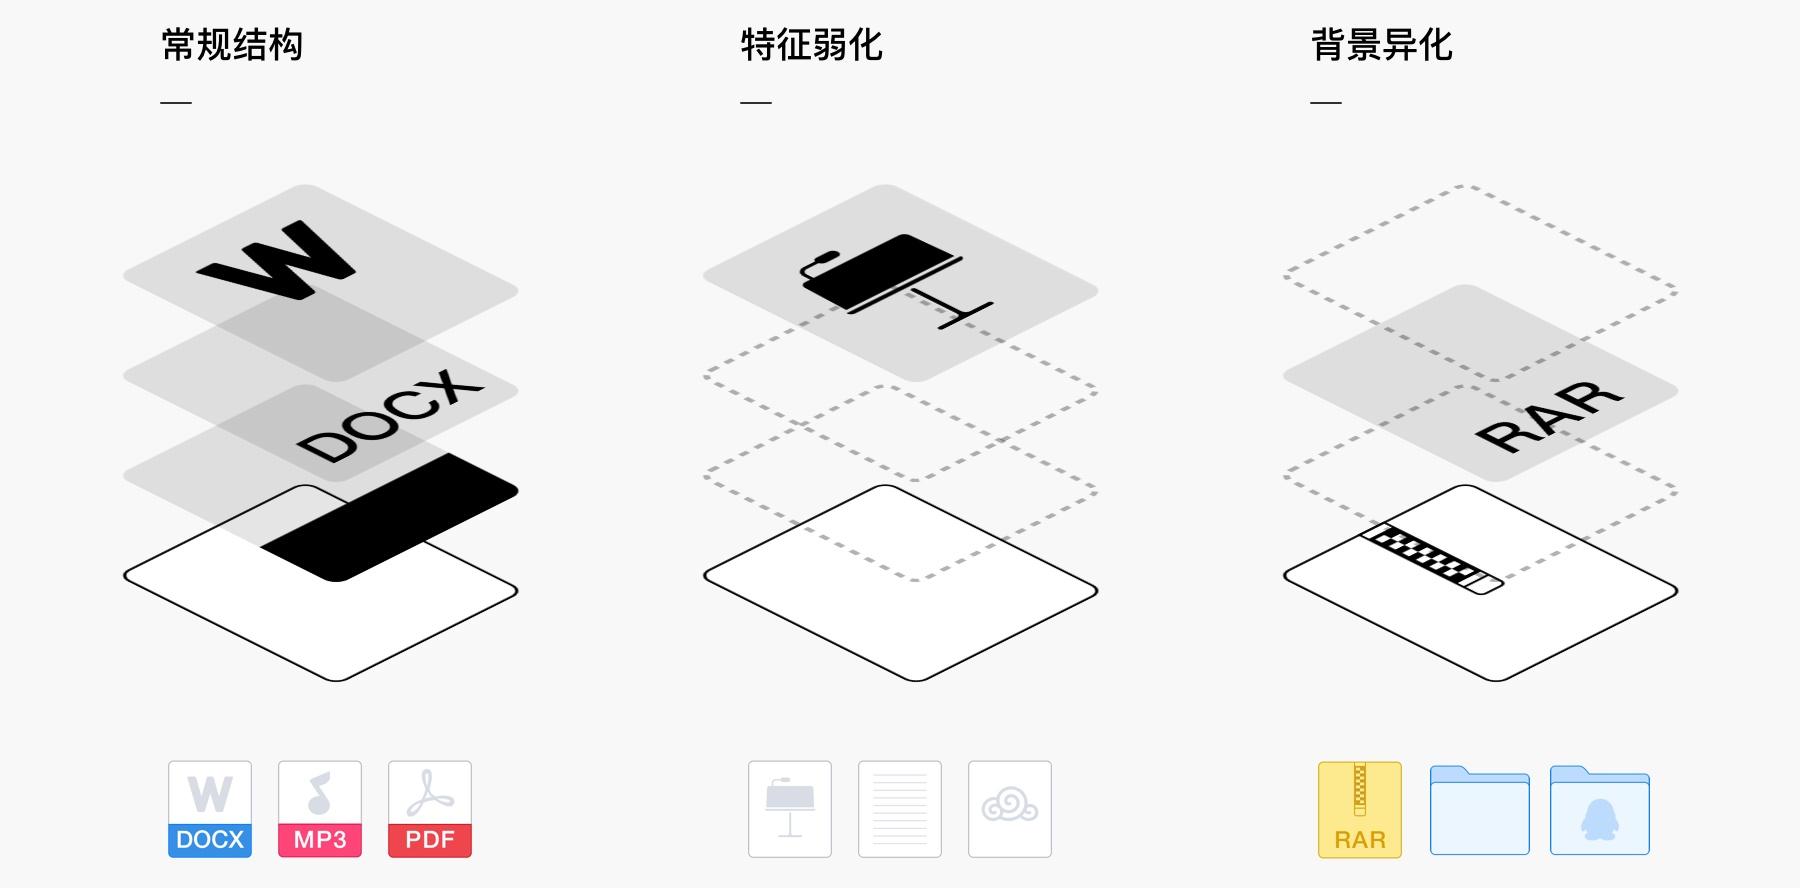 高手实战案例!腾讯微云文件图标设计探索全方位复盘